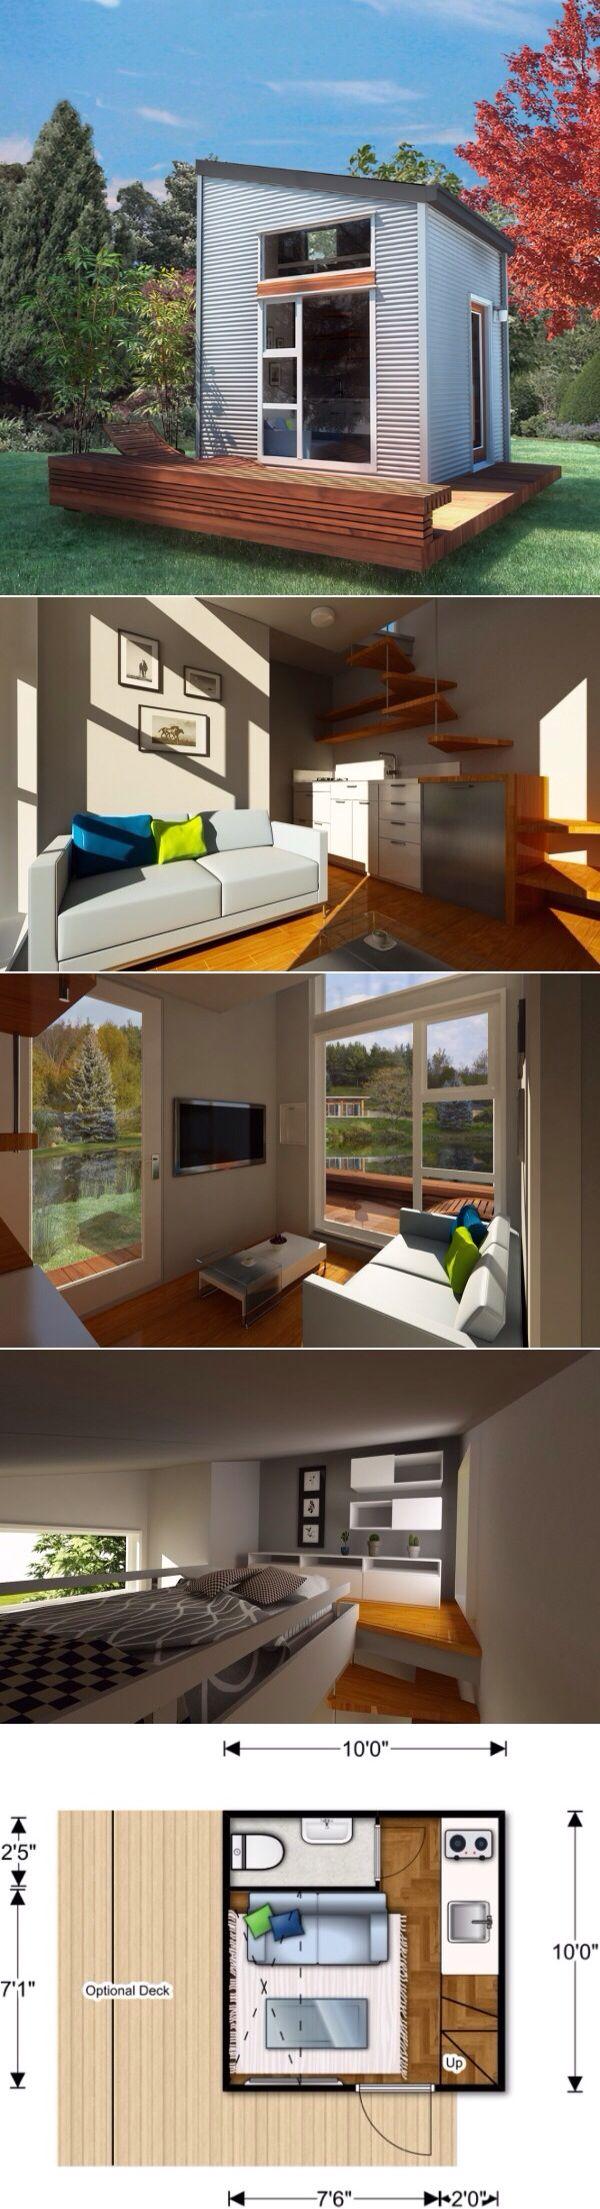 http://tinyhouseblog.com/pre-fab/nomad-micro-home/